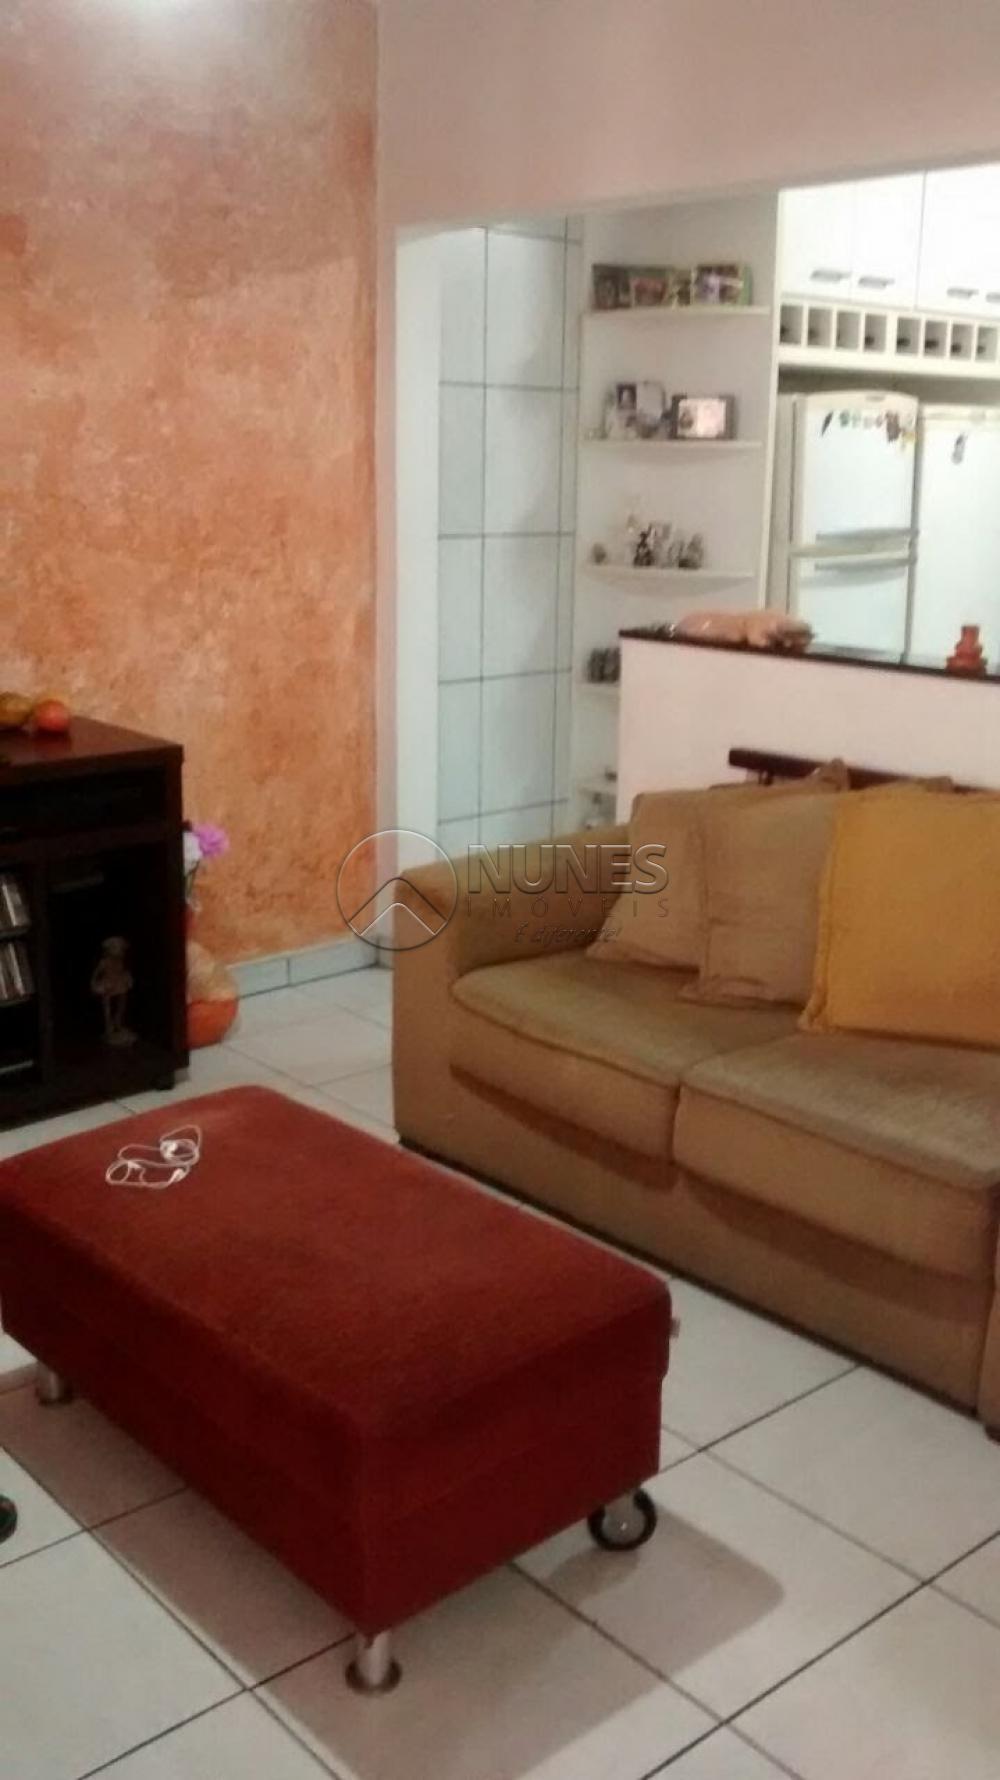 Comprar Casa / Terrea em Osasco apenas R$ 380.000,00 - Foto 4